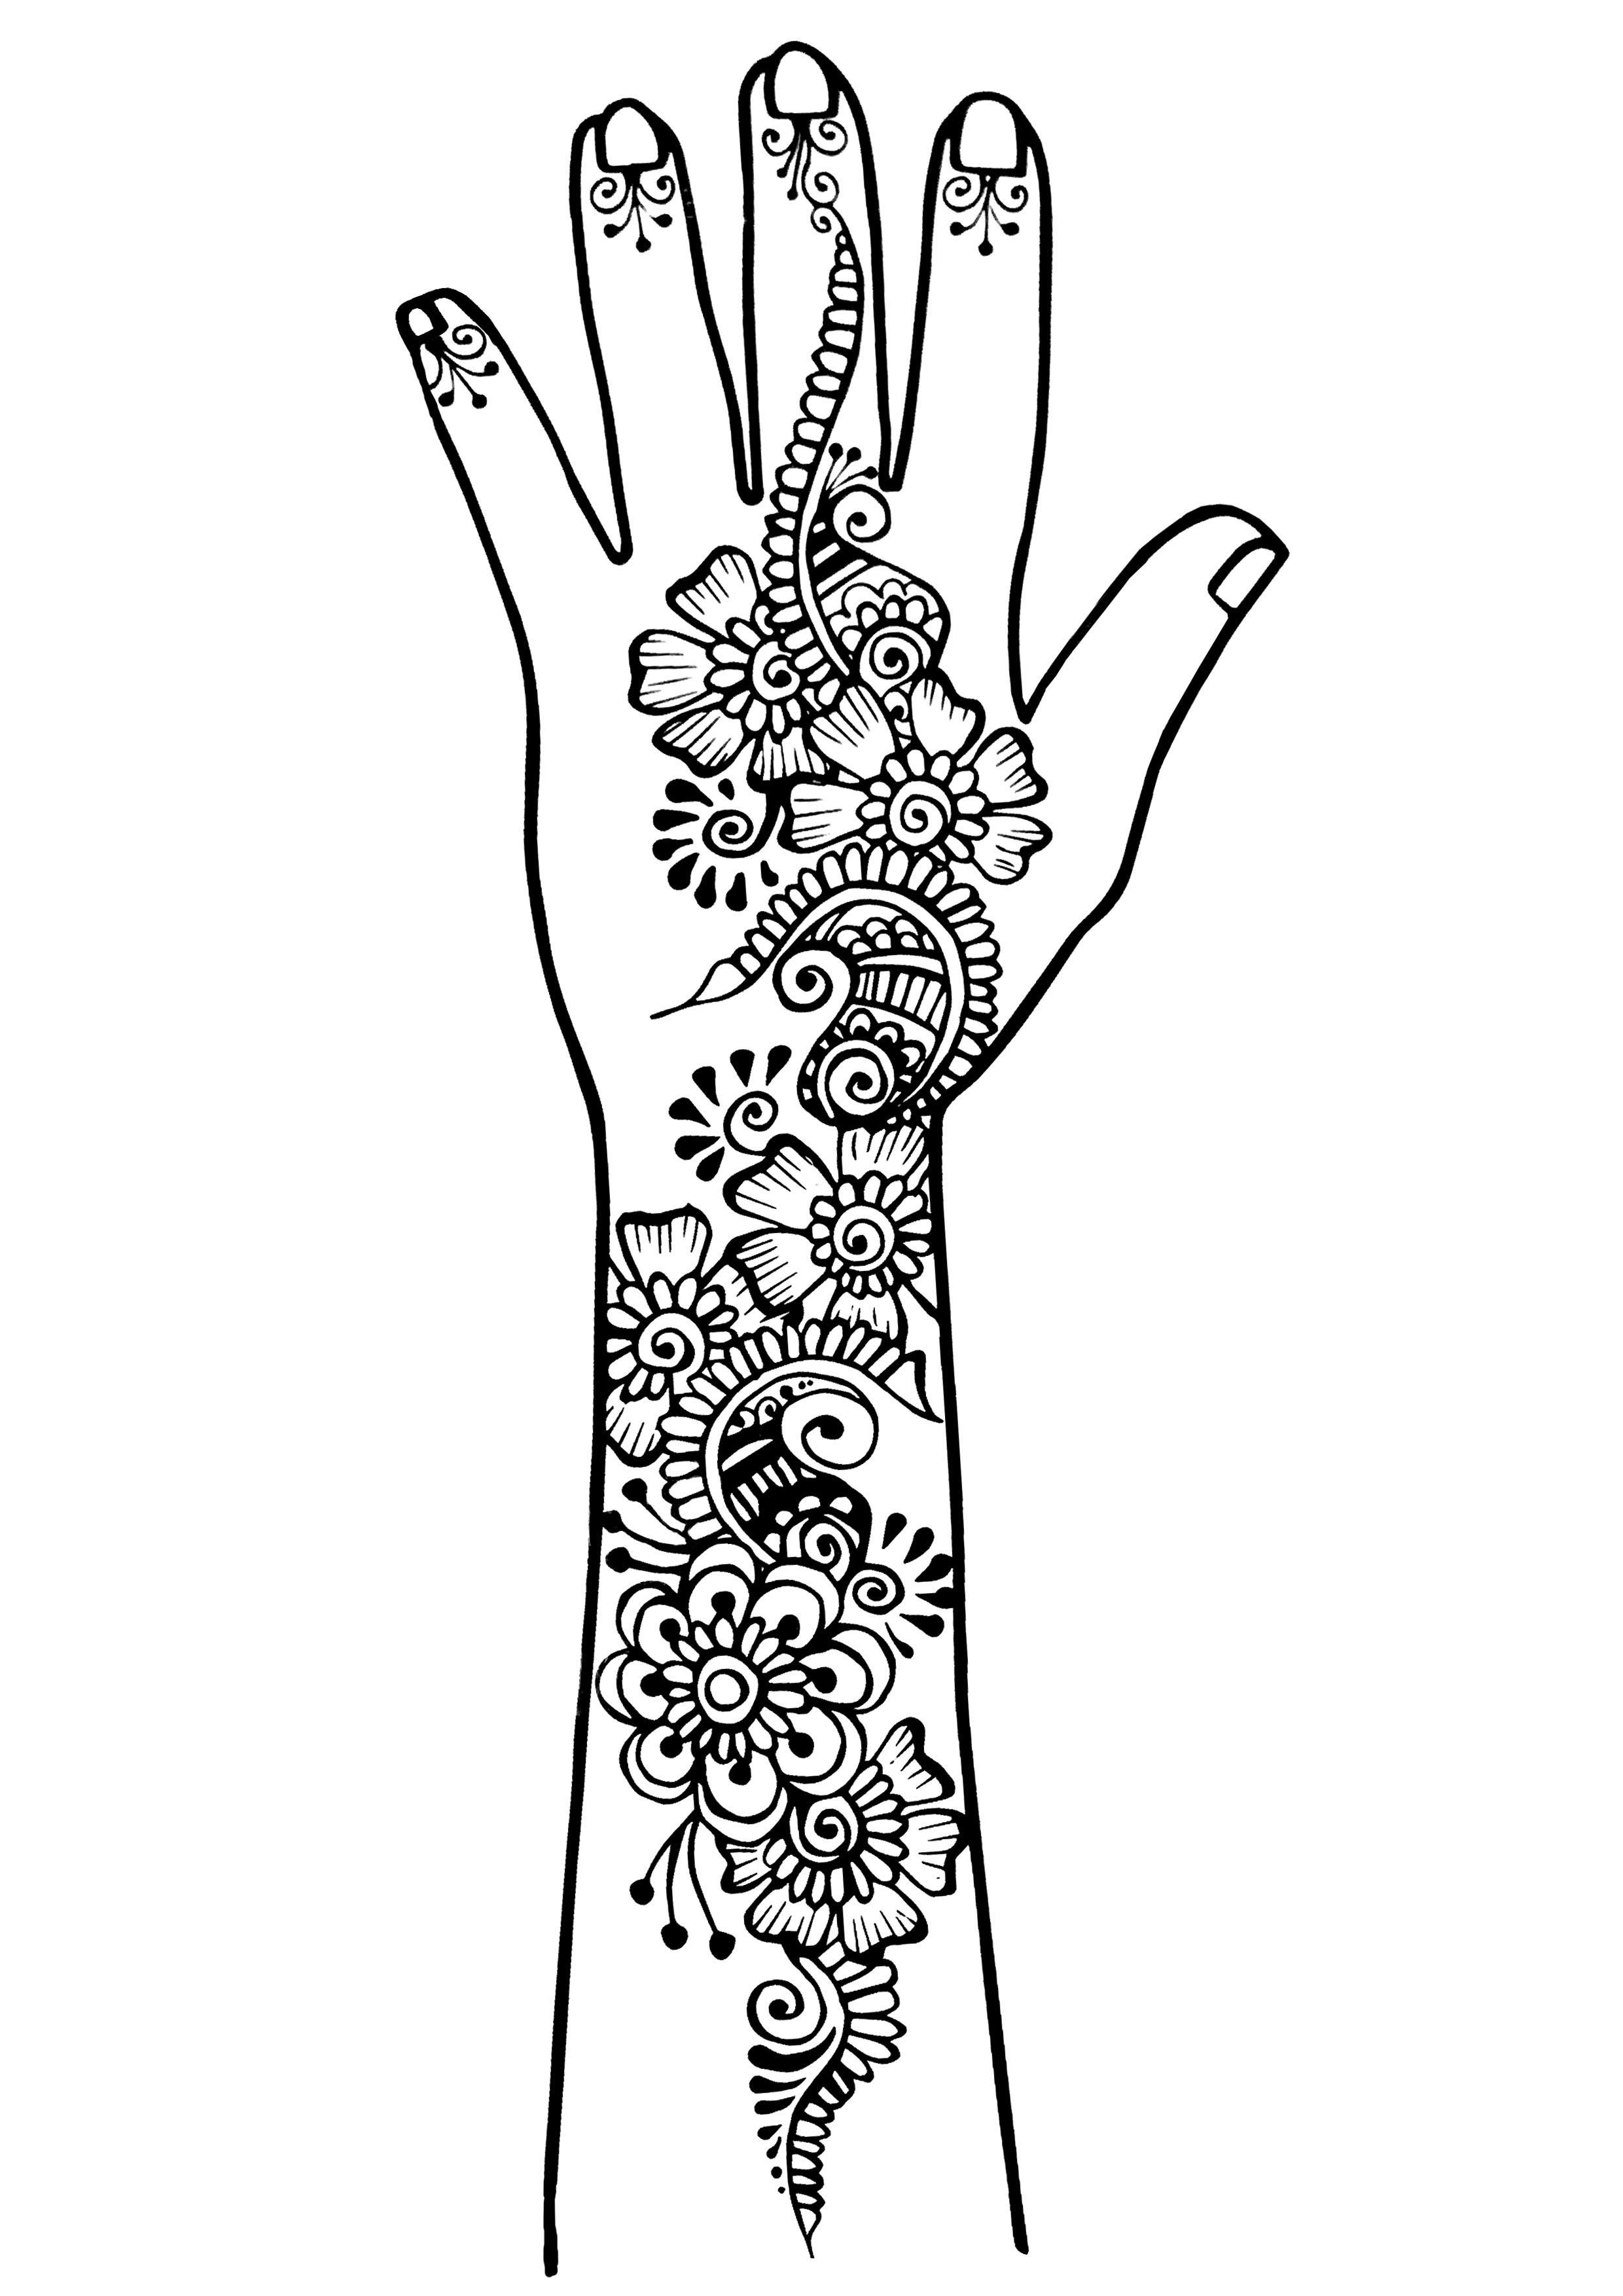 Disegni da colorare per adulti : Tatuaggi - 30